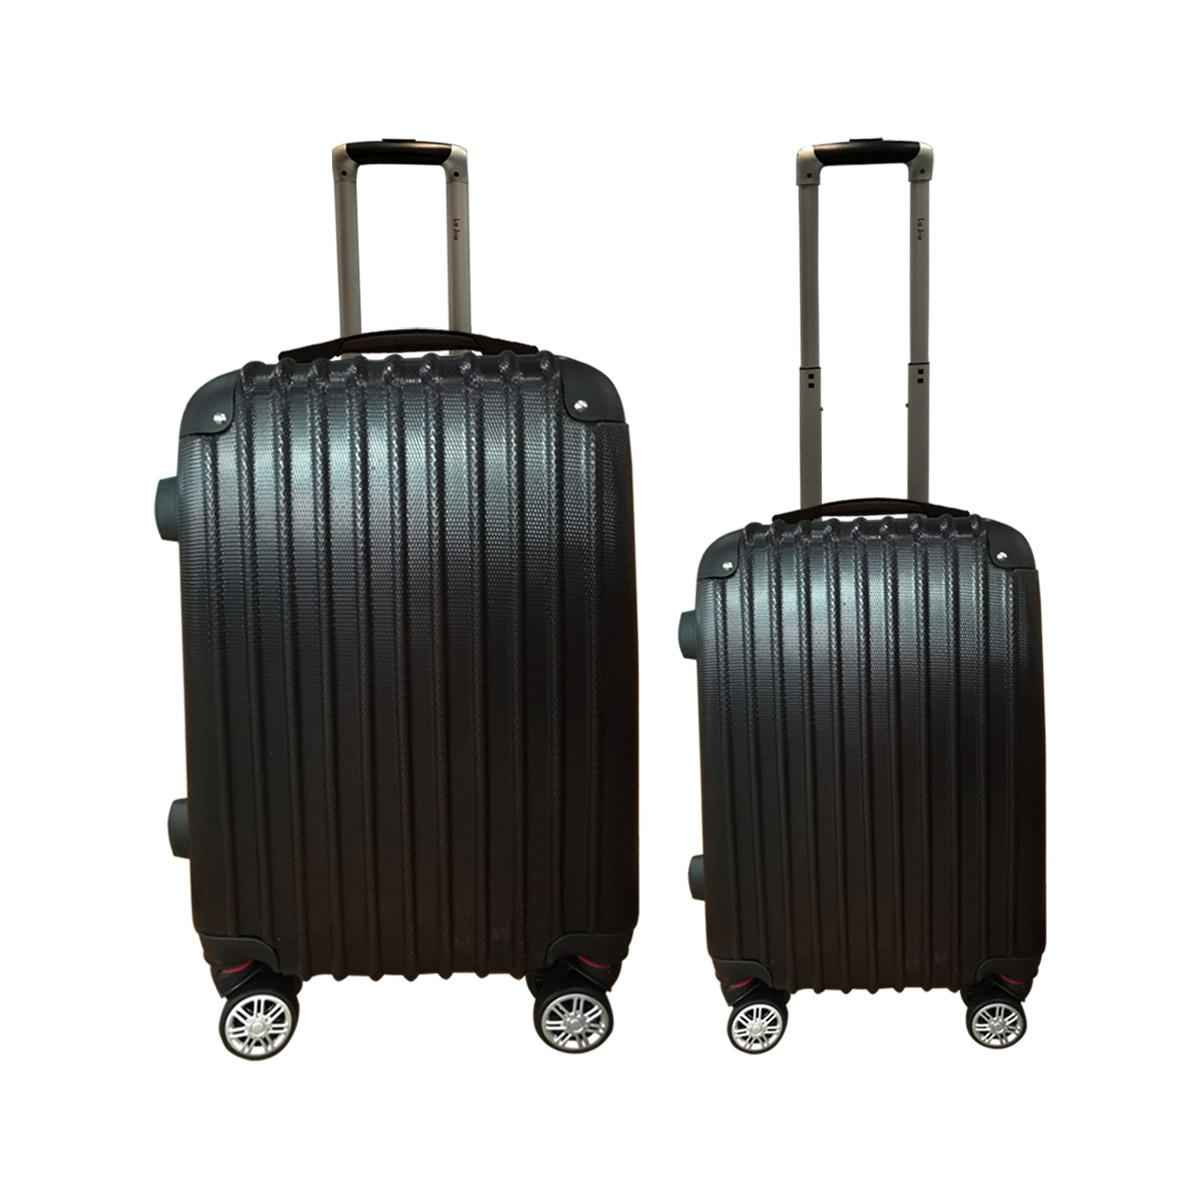 La Joie Hard Luggage Case 2PC Suitcase Travel Set Black